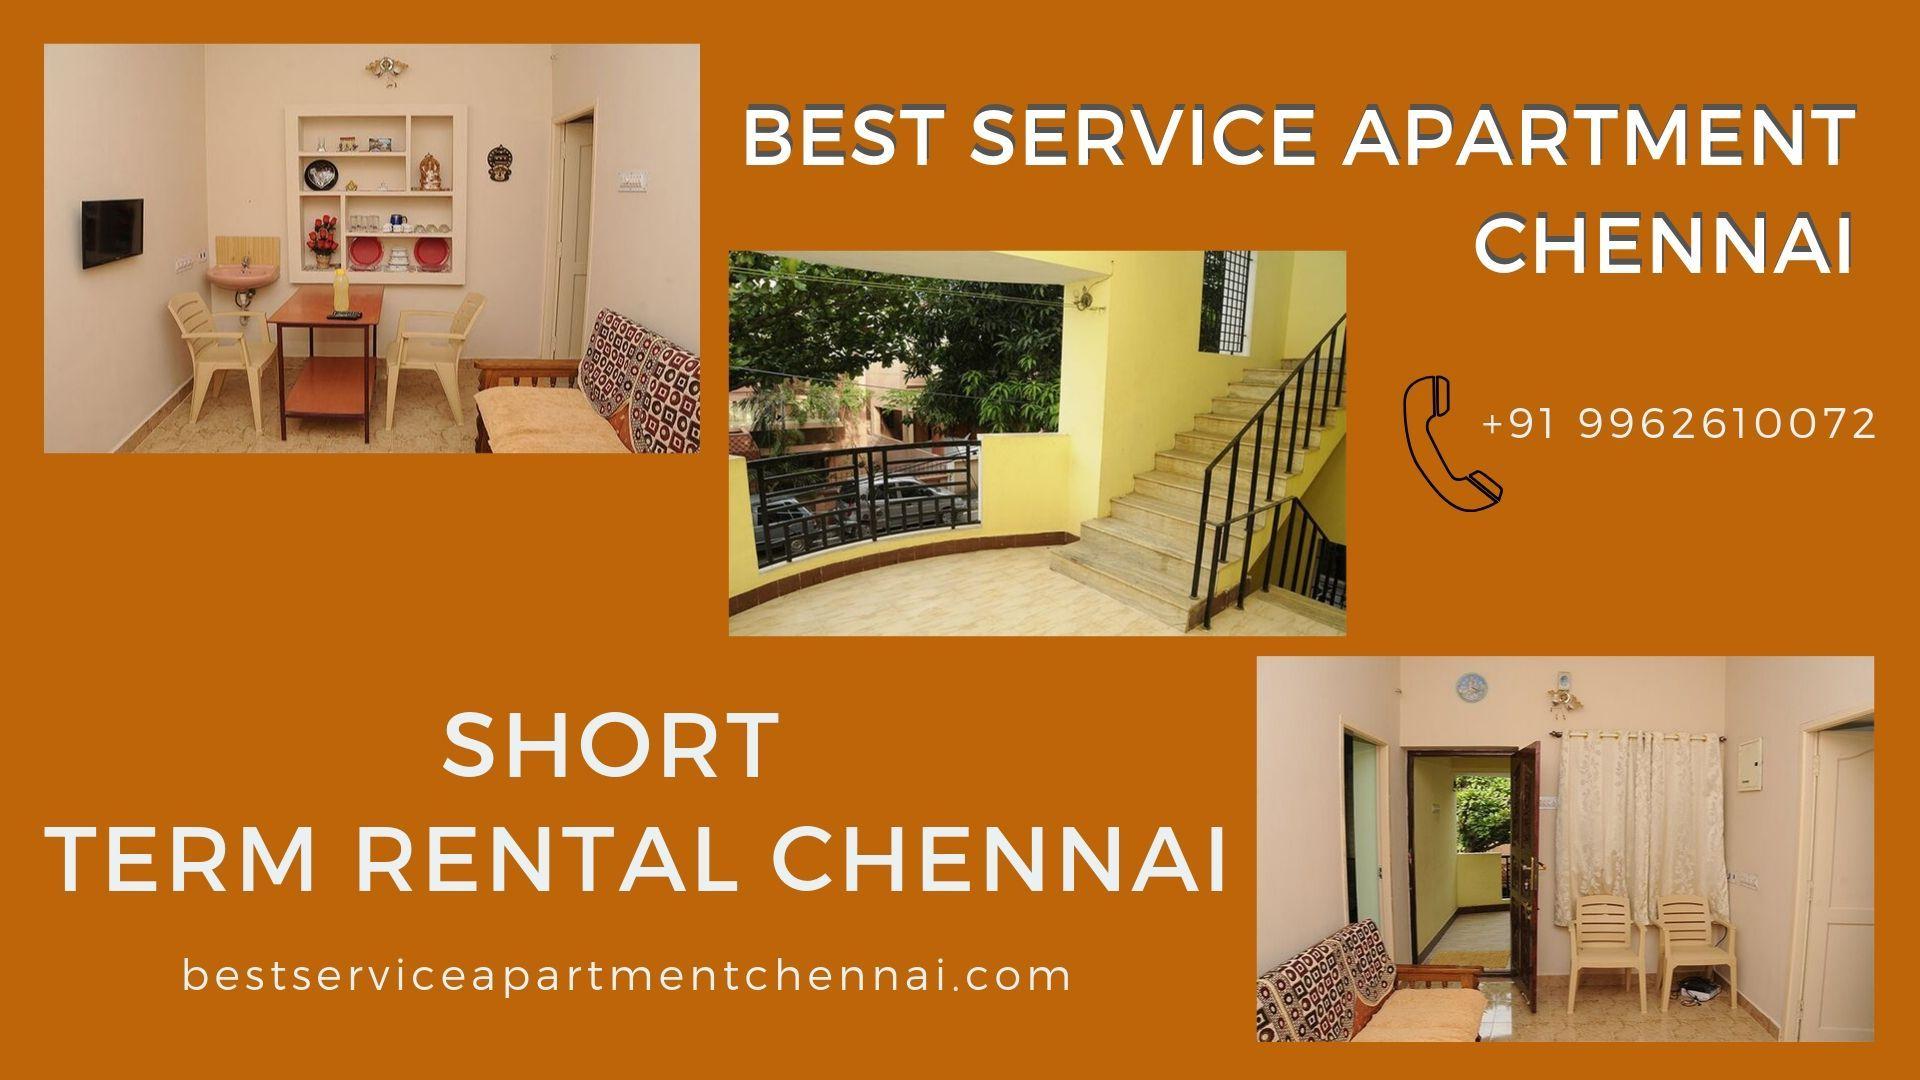 Short Term Rental Chennai